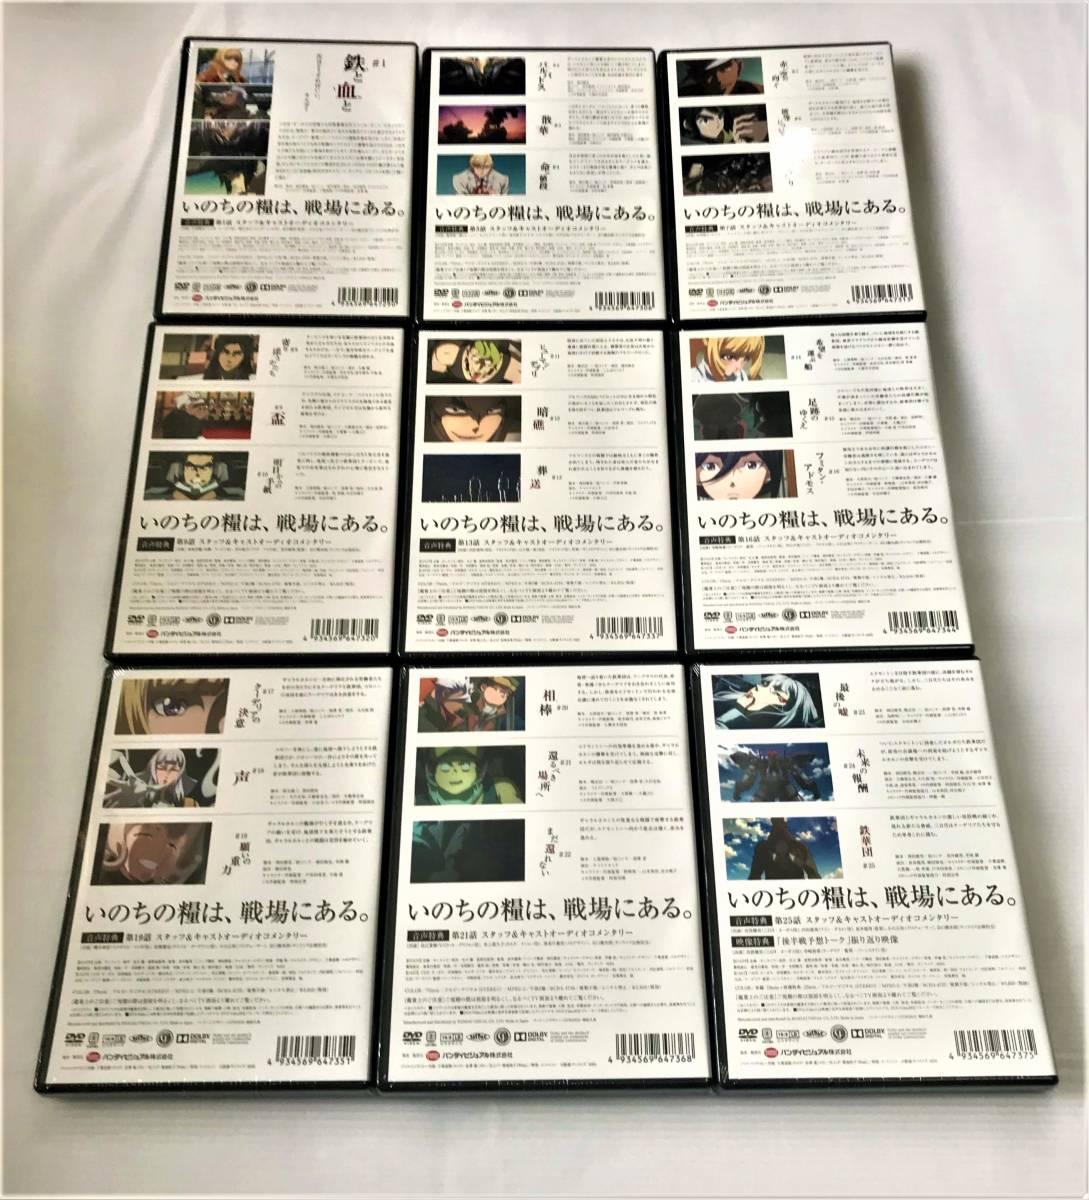 ◎新品◎ 機動戦士ガンダム 鉄血のオルフェンズ 第1期 DVD 全9巻セット ファーストシーズン 壱_画像3